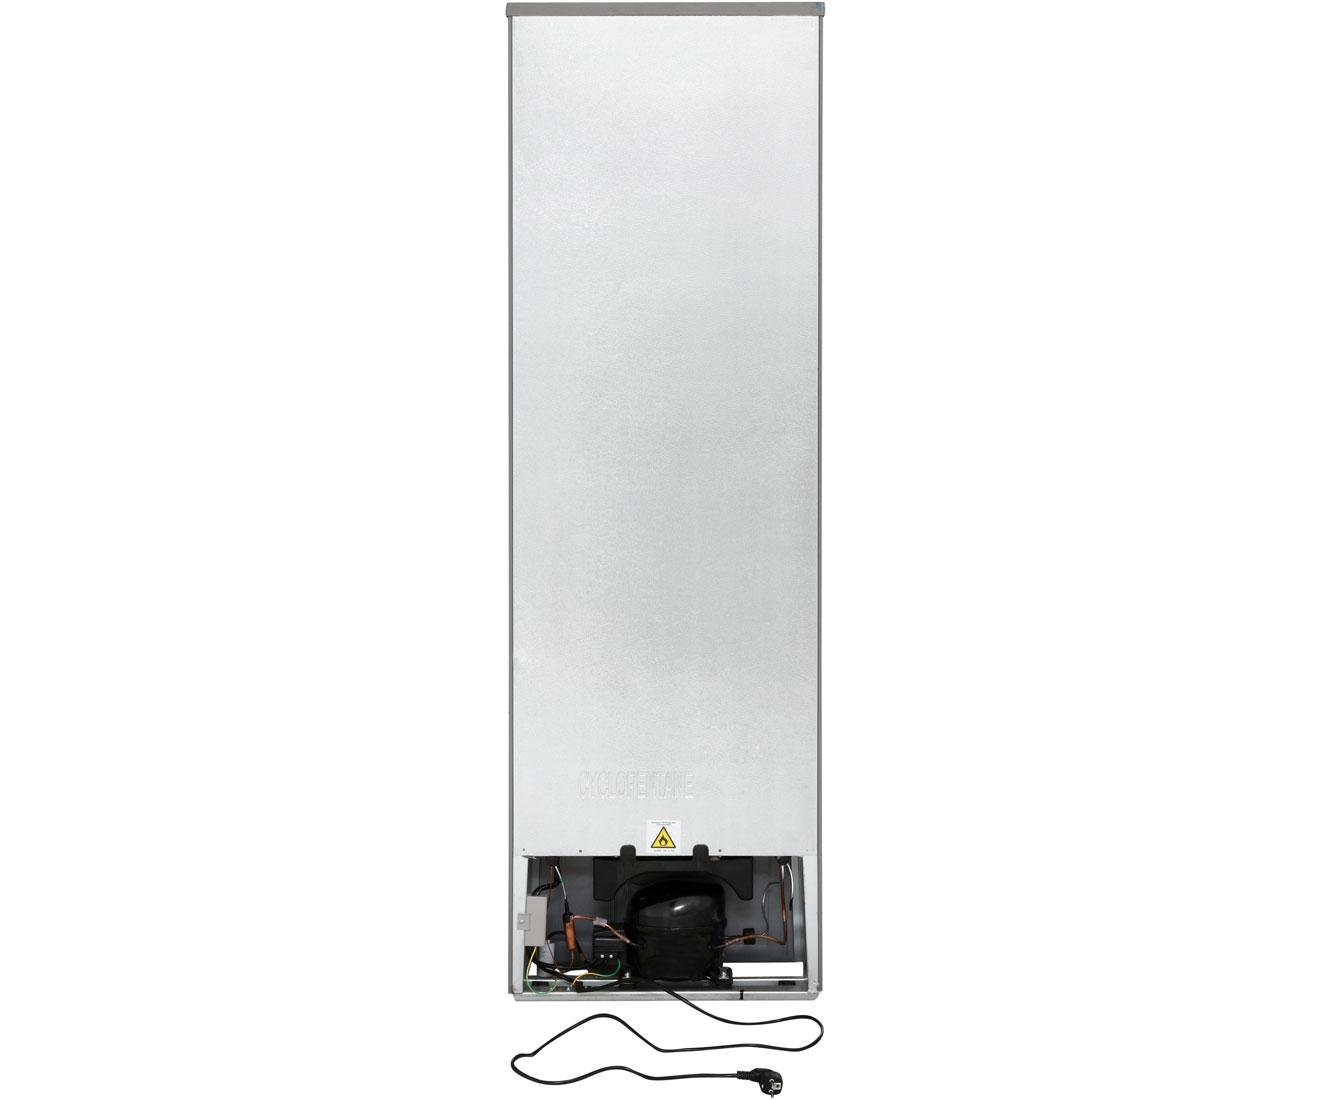 Amica Kühlschrank Zu Kalt : Amica kgc 15725 w kühl gefrierkombination 55er breite weiß a